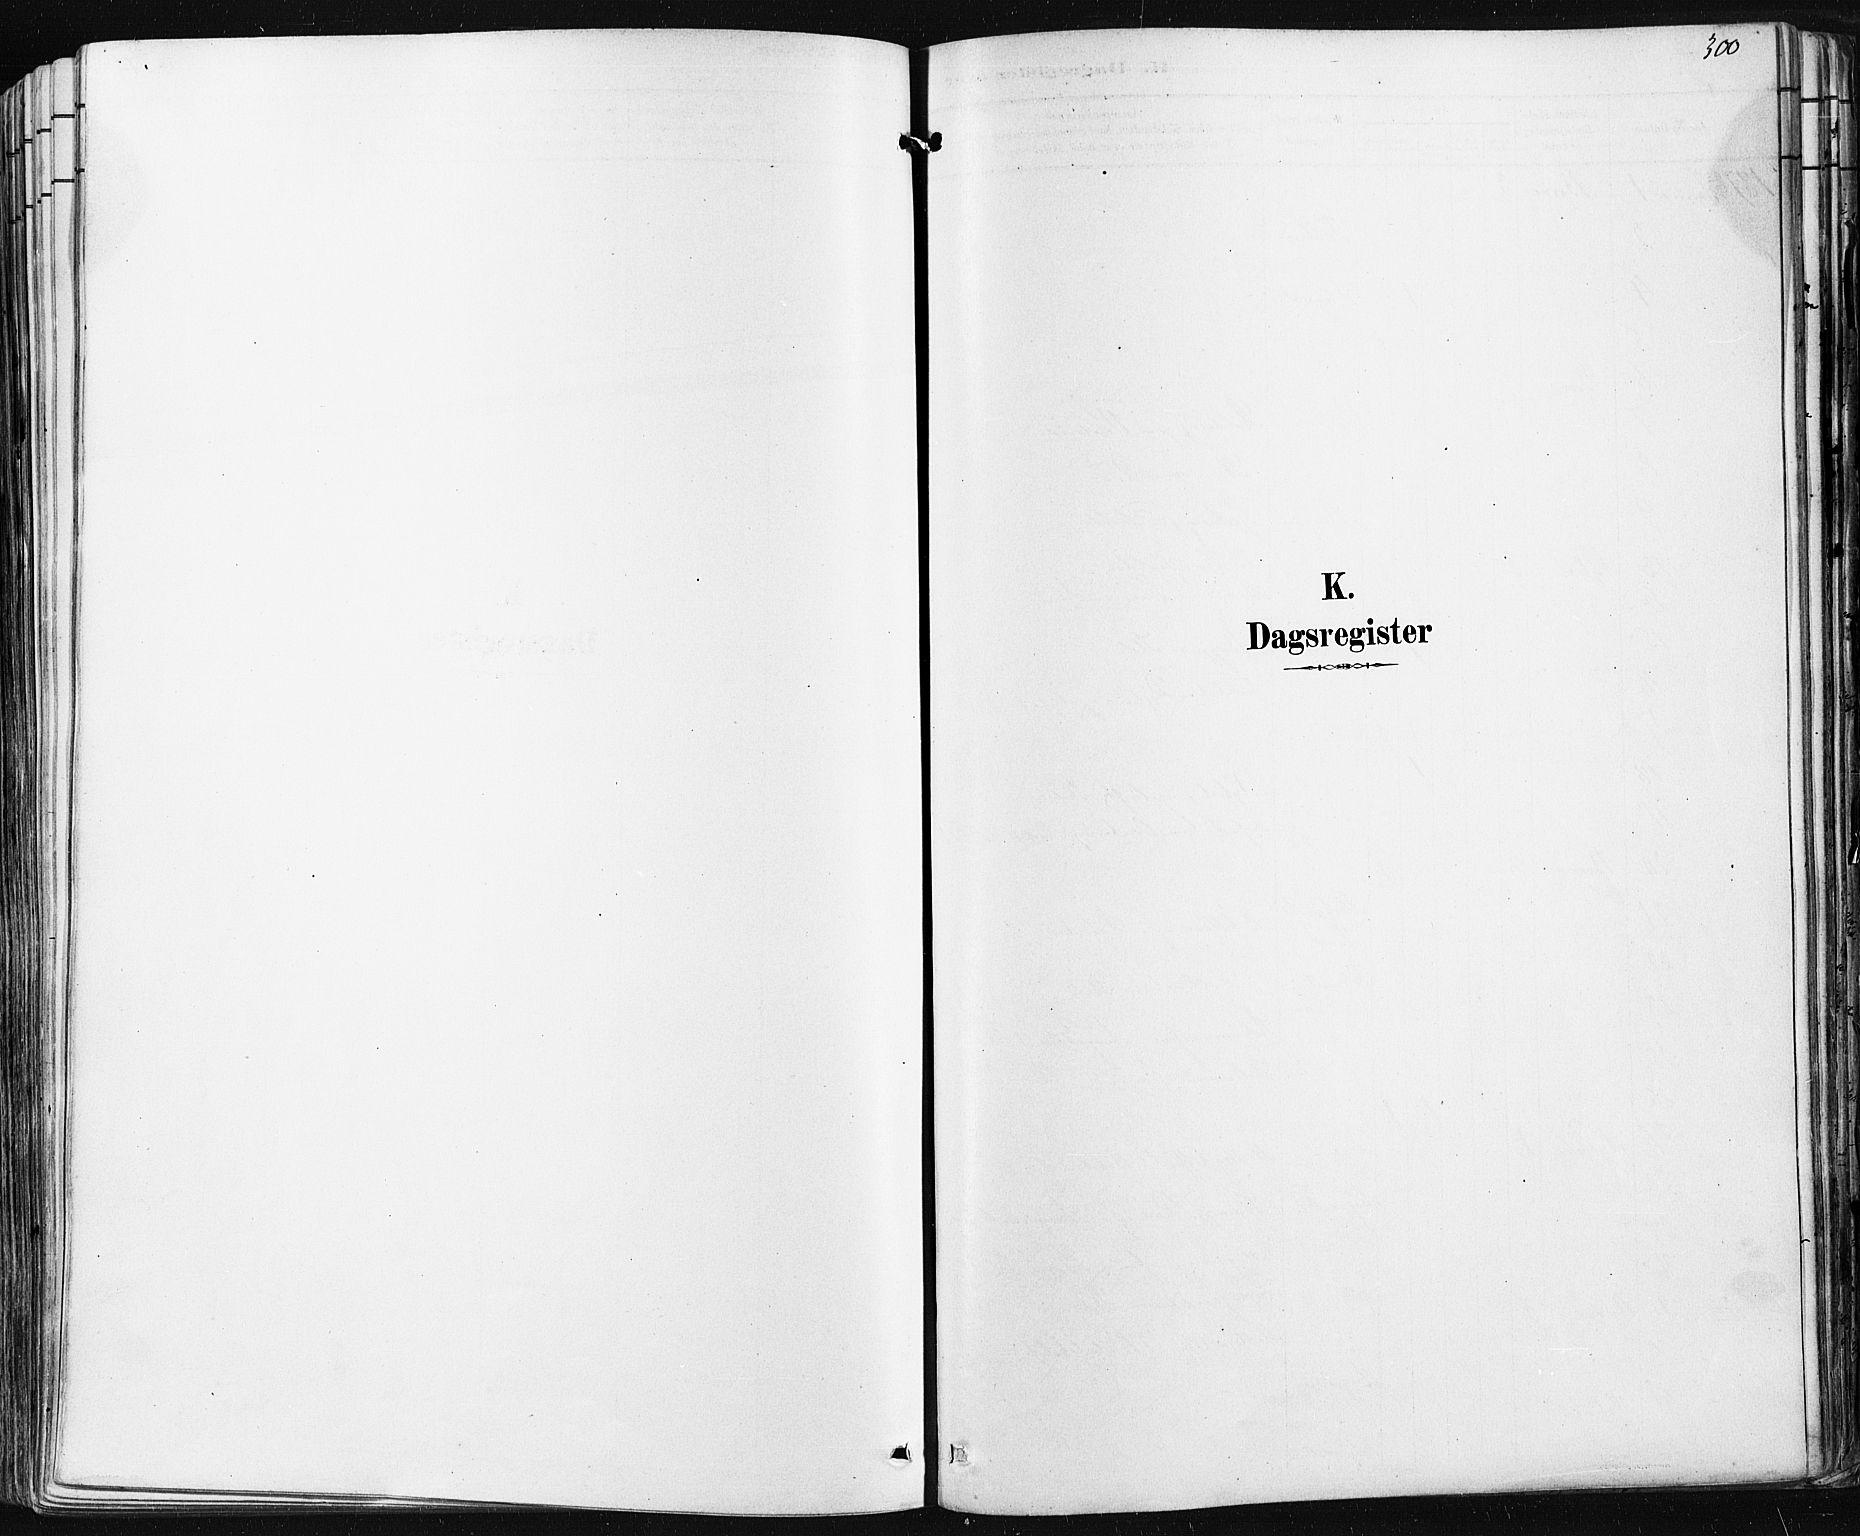 SAKO, Borre kirkebøker, F/Fa/L0009: Ministerialbok nr. I 9, 1878-1896, s. 300